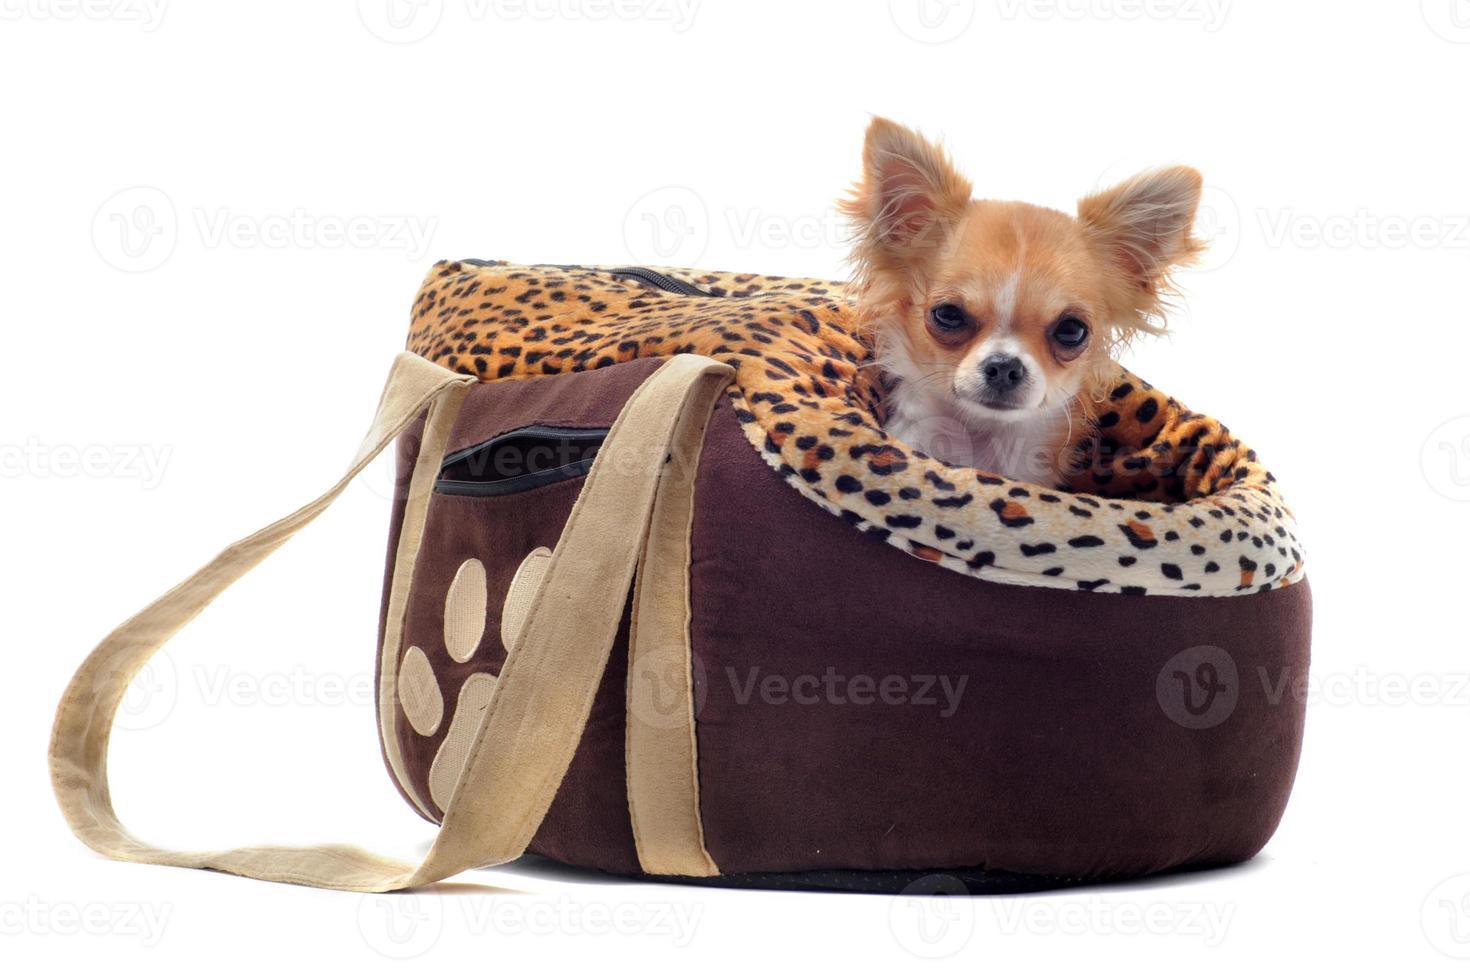 bolsa de viaje y chihuahua foto